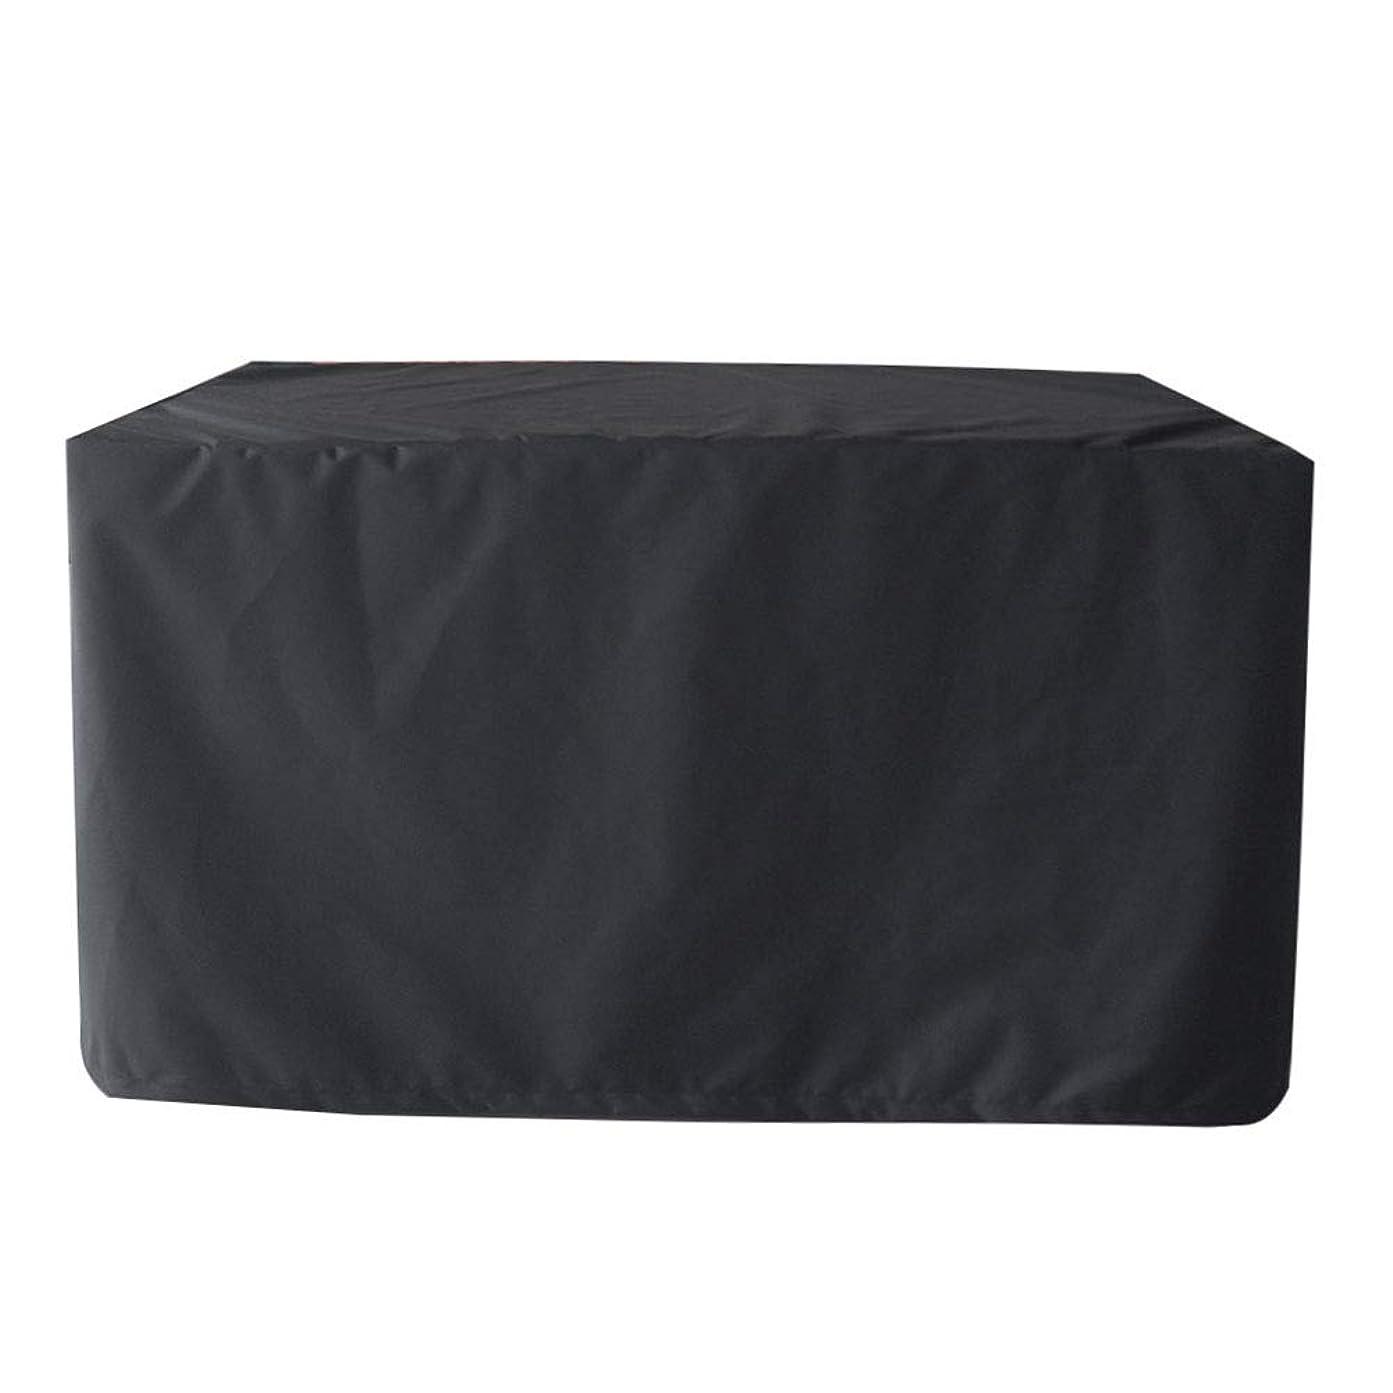 失業把握思いつくBbq コンロ ガーデン家具カバー防水 パティオセットカバー 通気性 オックスフォード生地、マルチサイズ、カスタマイズされた 屋外用テーブル (Color : Black, Size : 250x250x90cm)